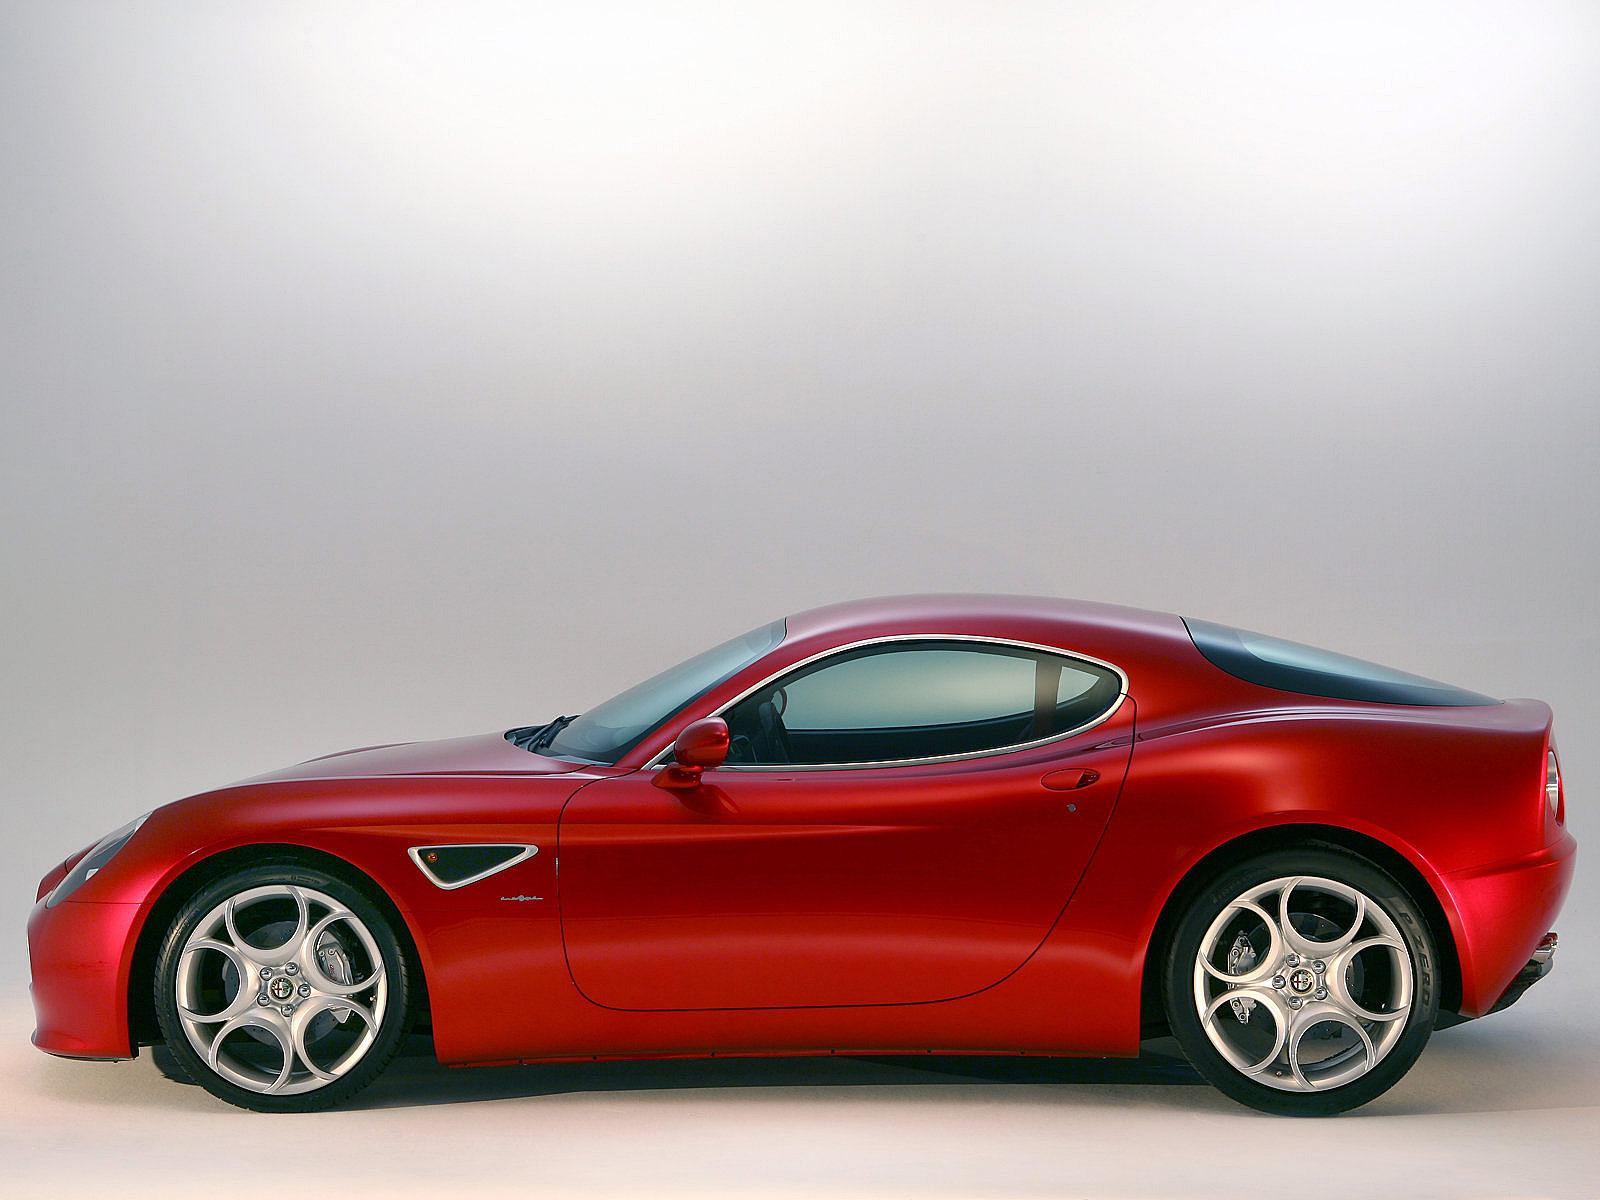 2007 ALFA ROMEO 8C Competizione Auto Insurance Information